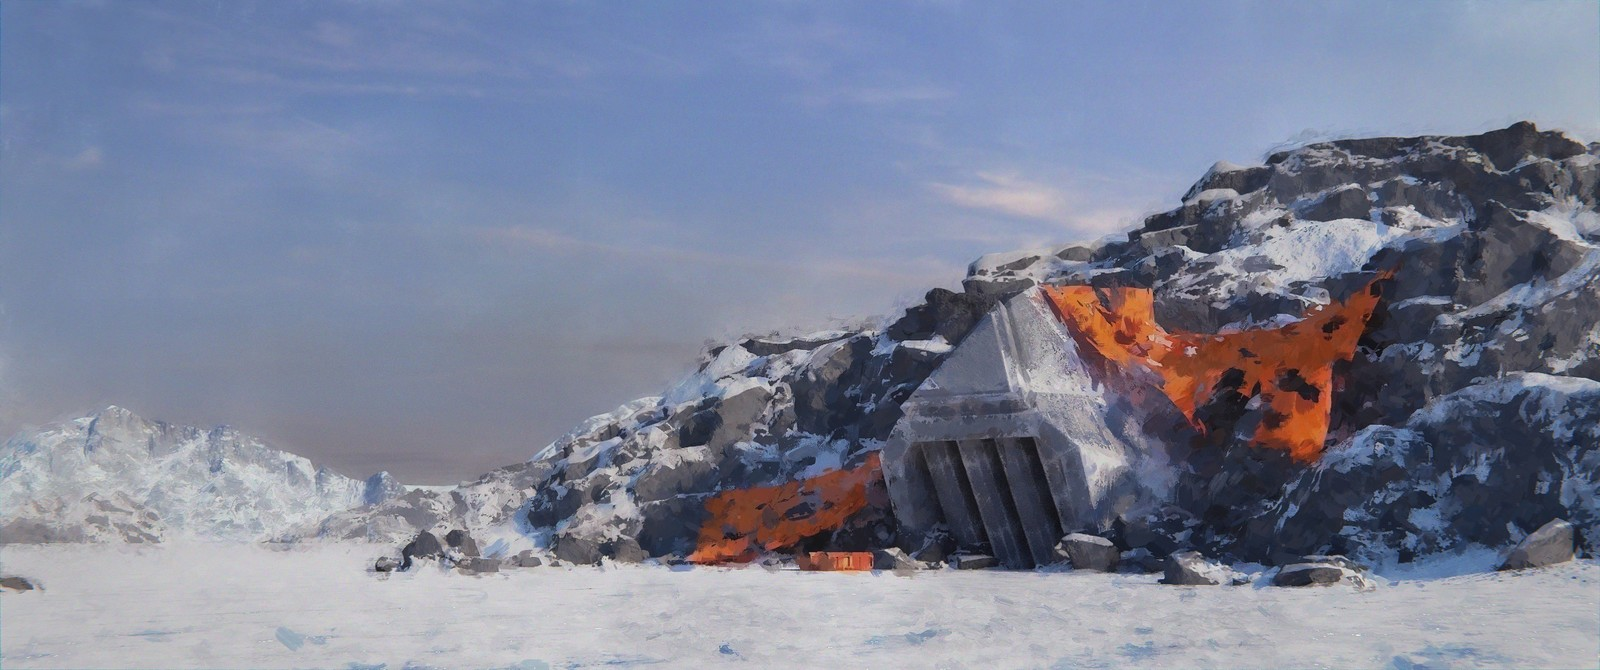 Starfall - Reclaimed Bunker